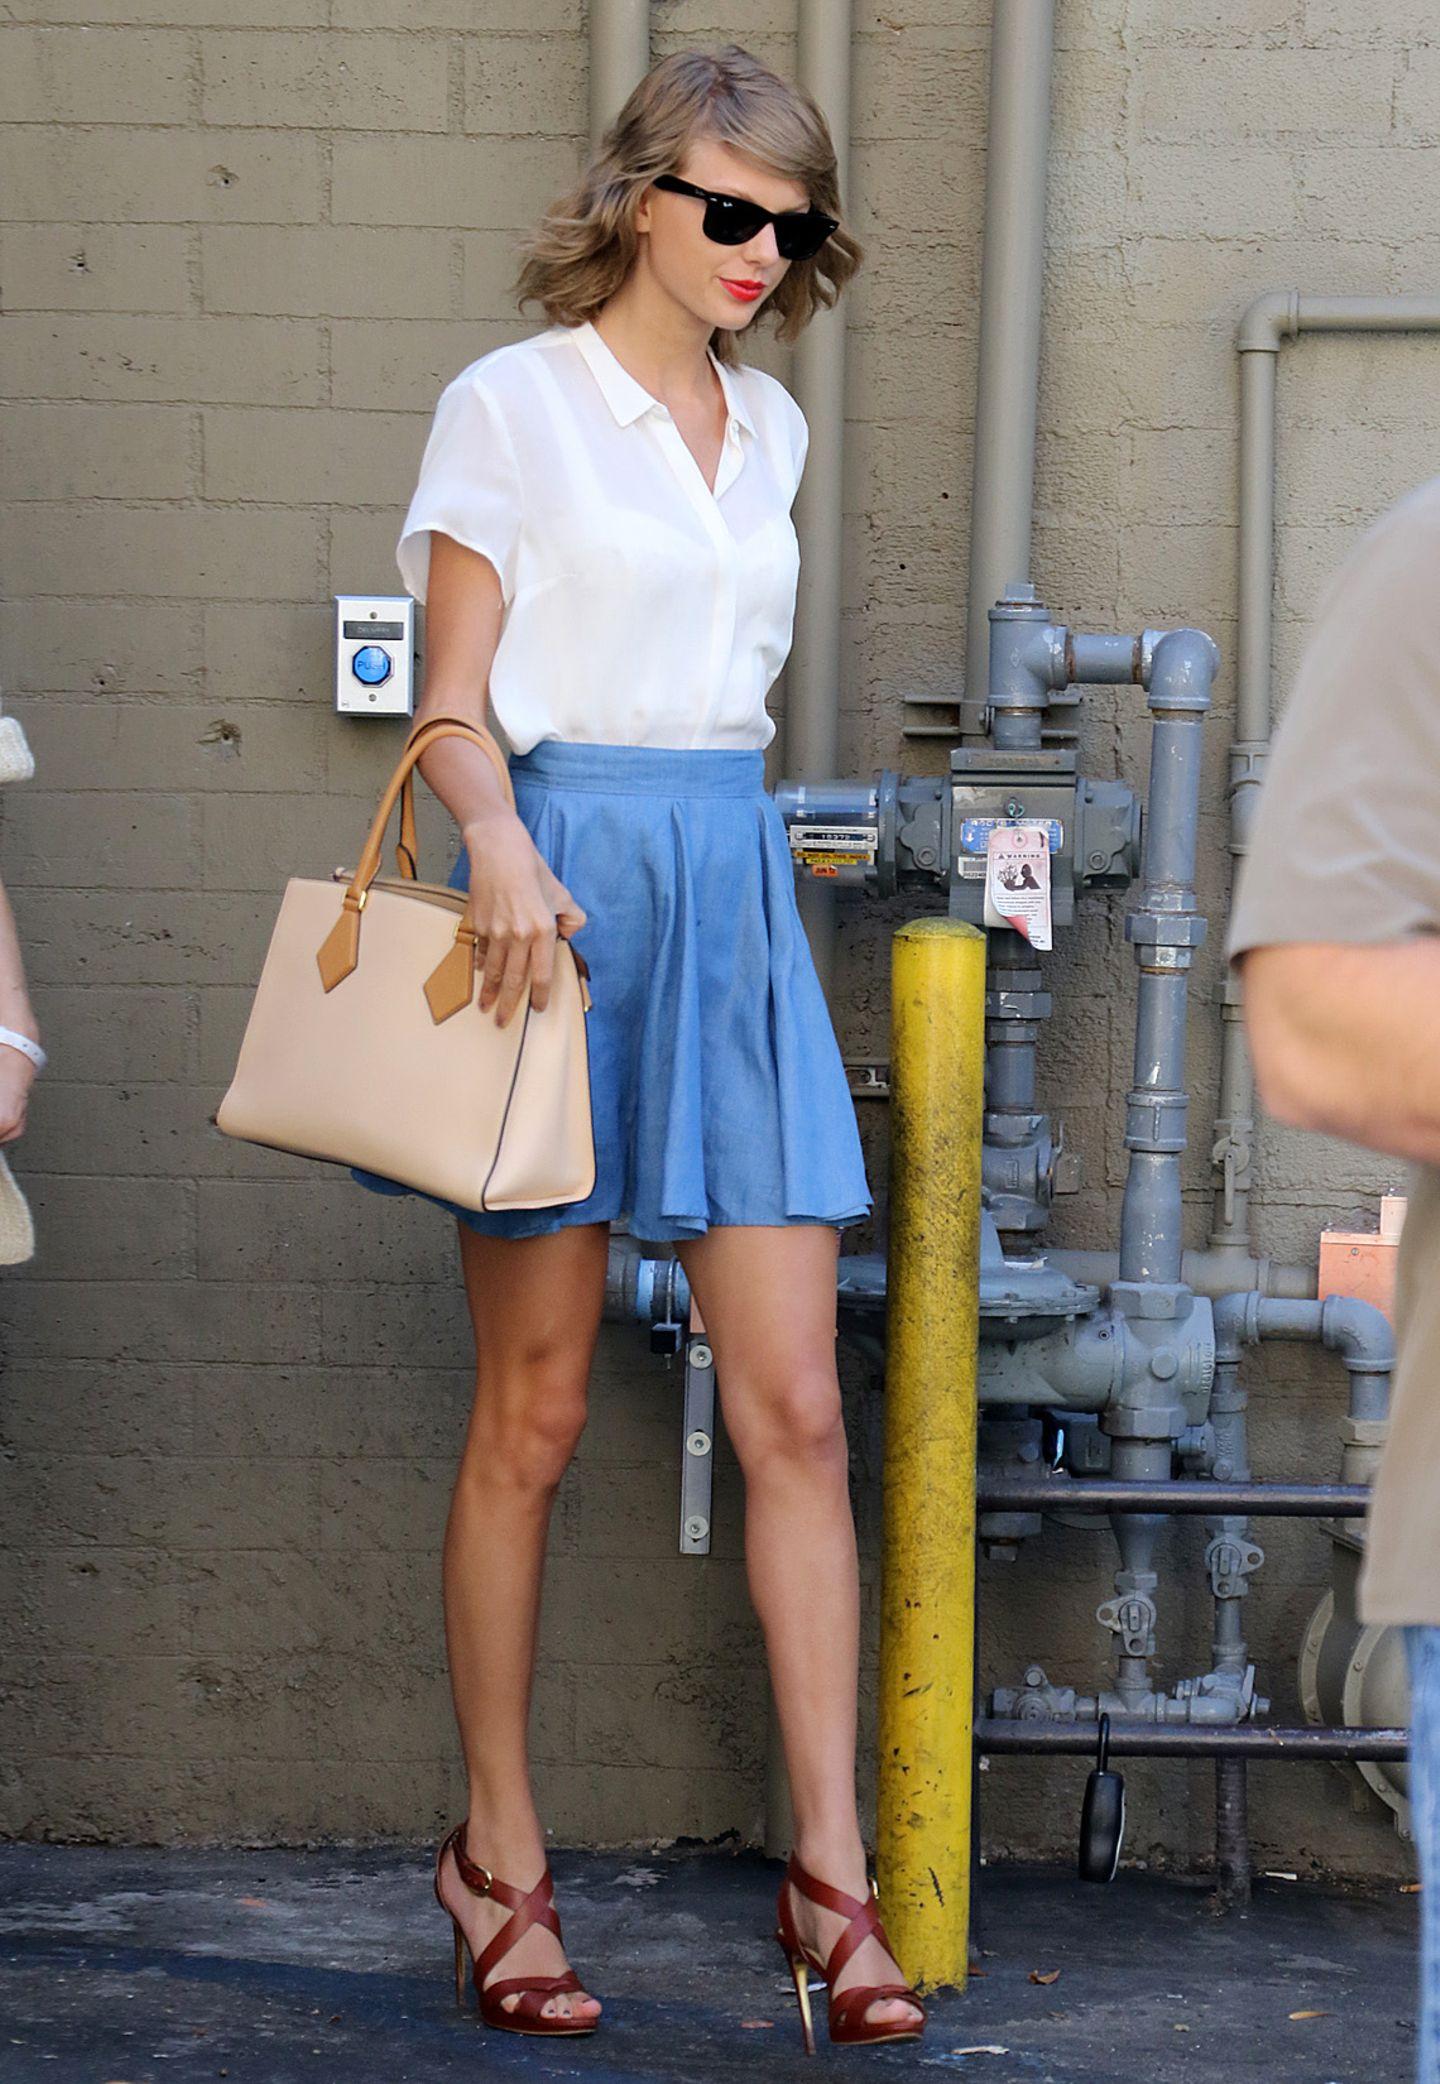 Mit diesem Outfit überstrahlt Taylor Swift ganz lässig die unansehnlichen Rohre im Hintergrund. Zu weißer Bluse und blauem Skater-Rock trägt sie eine elegante Henkeltasche in hellem Beige und braune Stilettos.